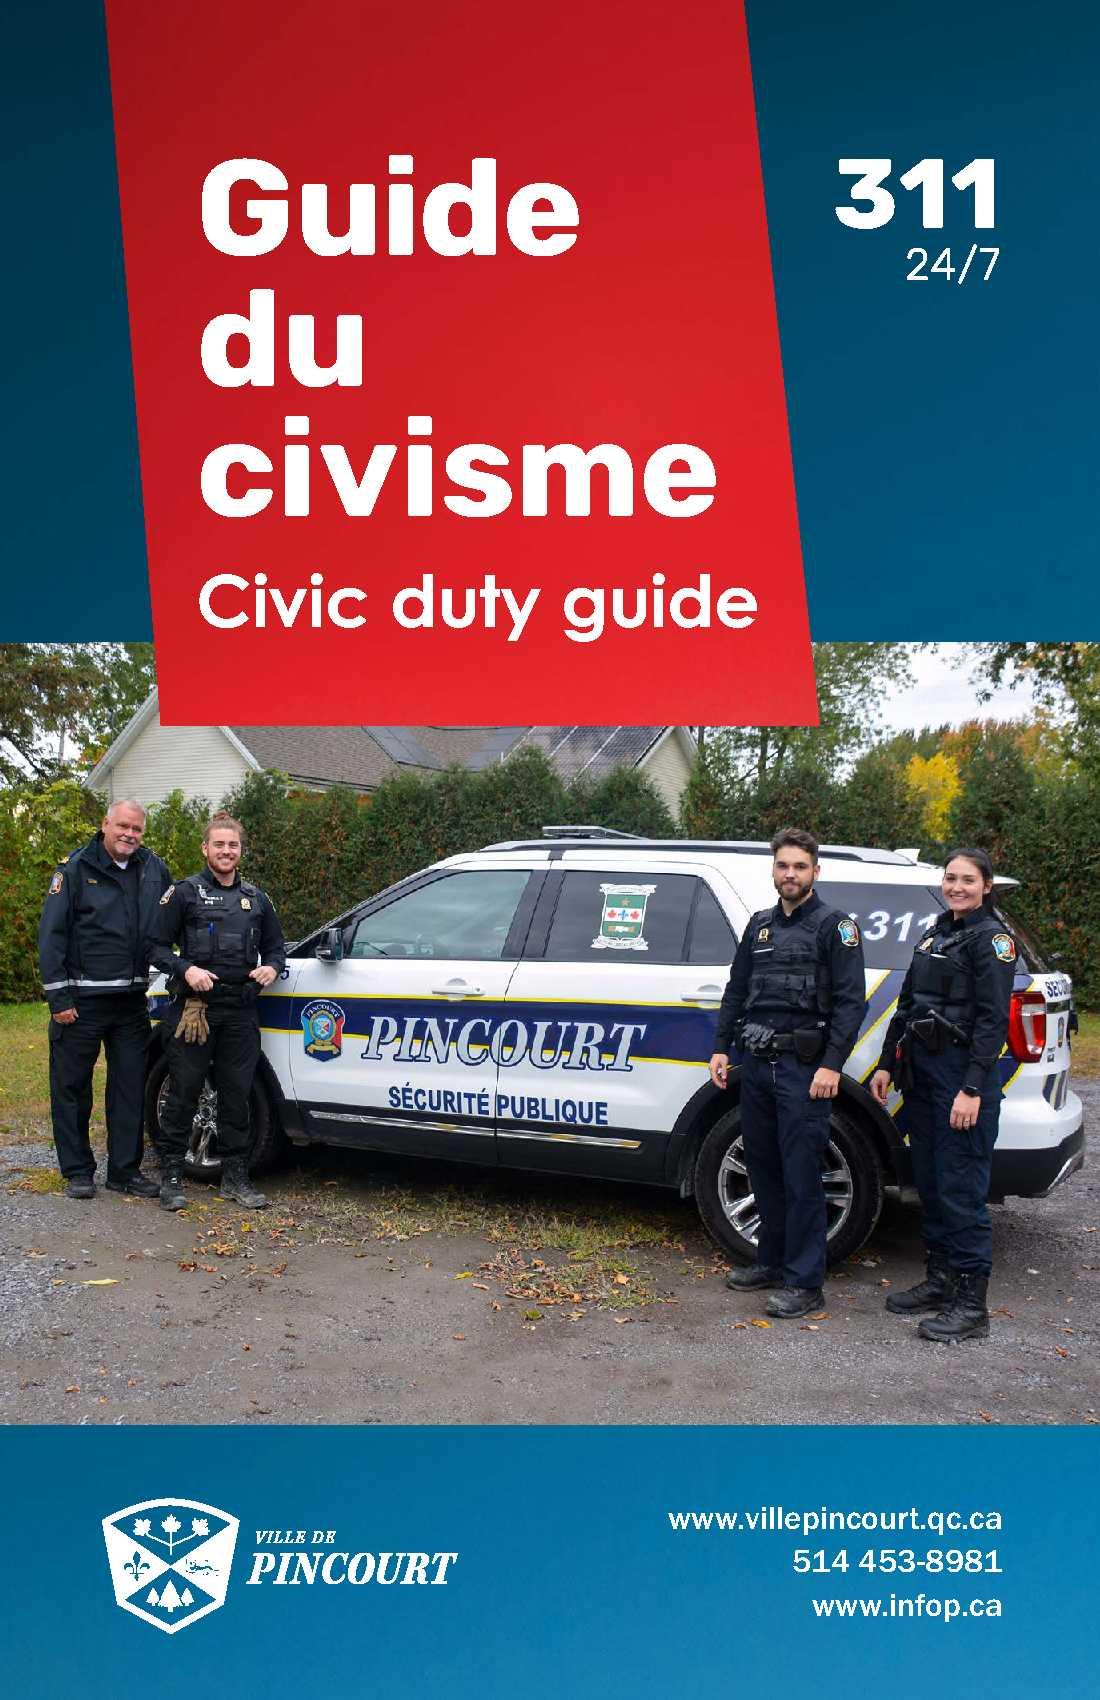 cover-guide-civisme.jpg (178 KB)